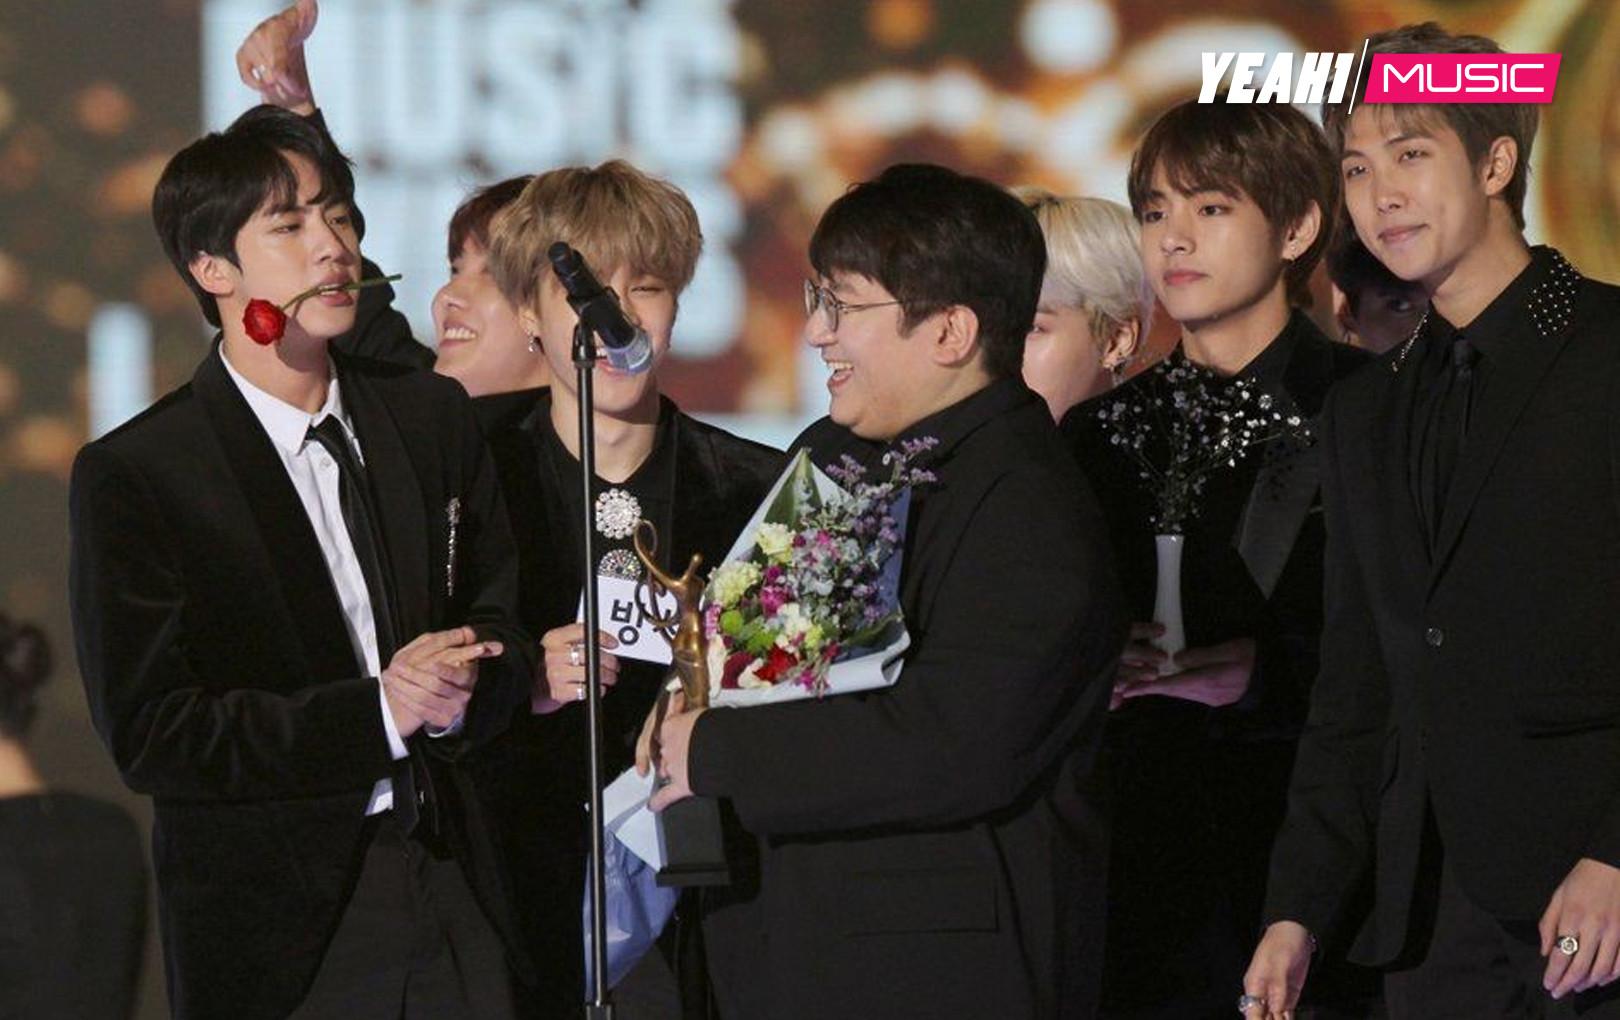 """Quay cuồng trong khủng hoảng, có phải vị trí vững chắc trong """"Big 3"""" của YG cũng đã đến lúc bị soán ngôi?"""